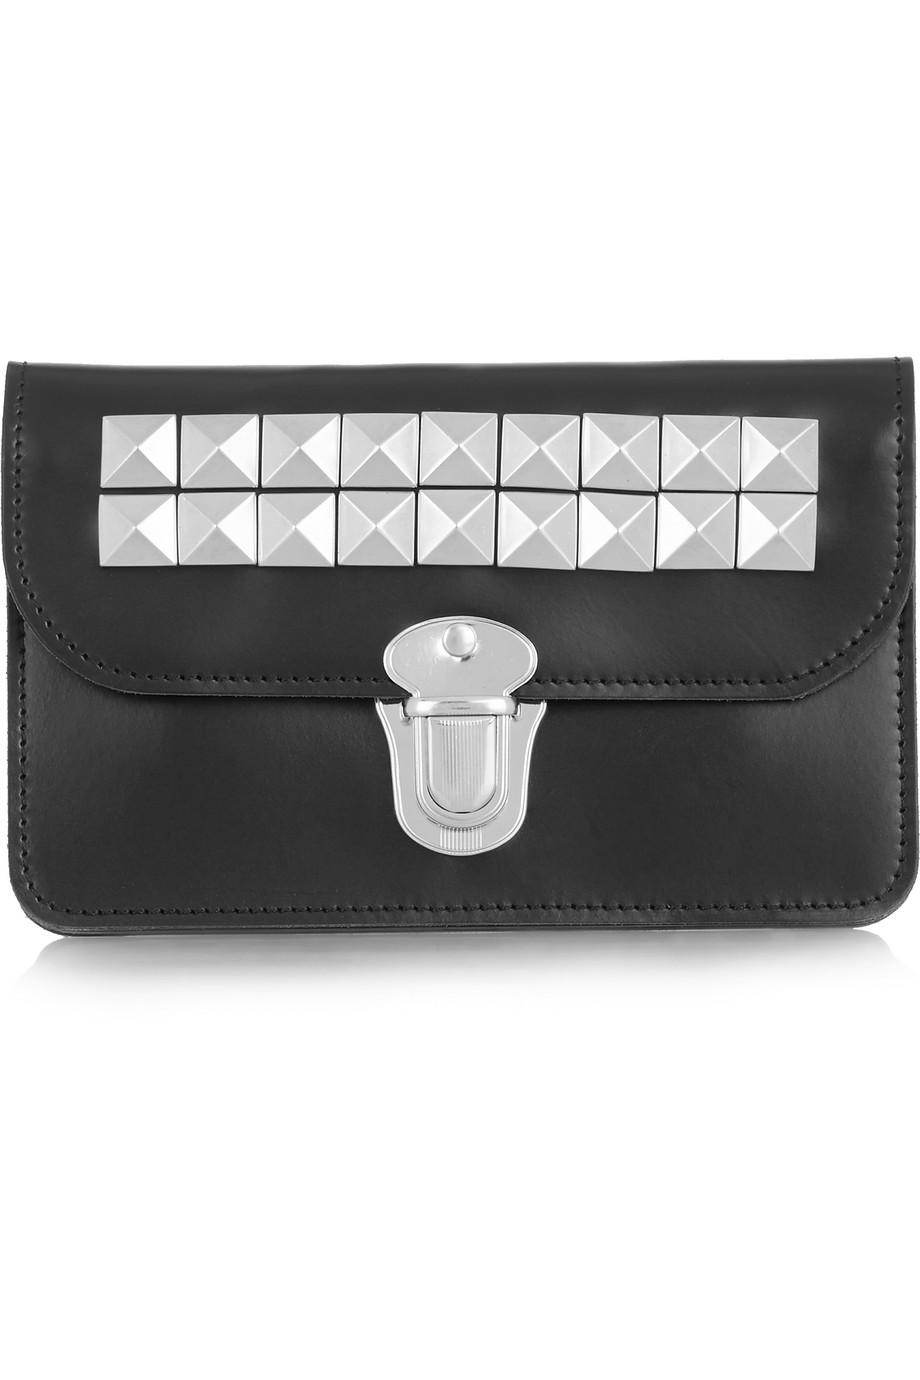 Studded Leather Wallet, Comme Des Garçons, Black, Women's